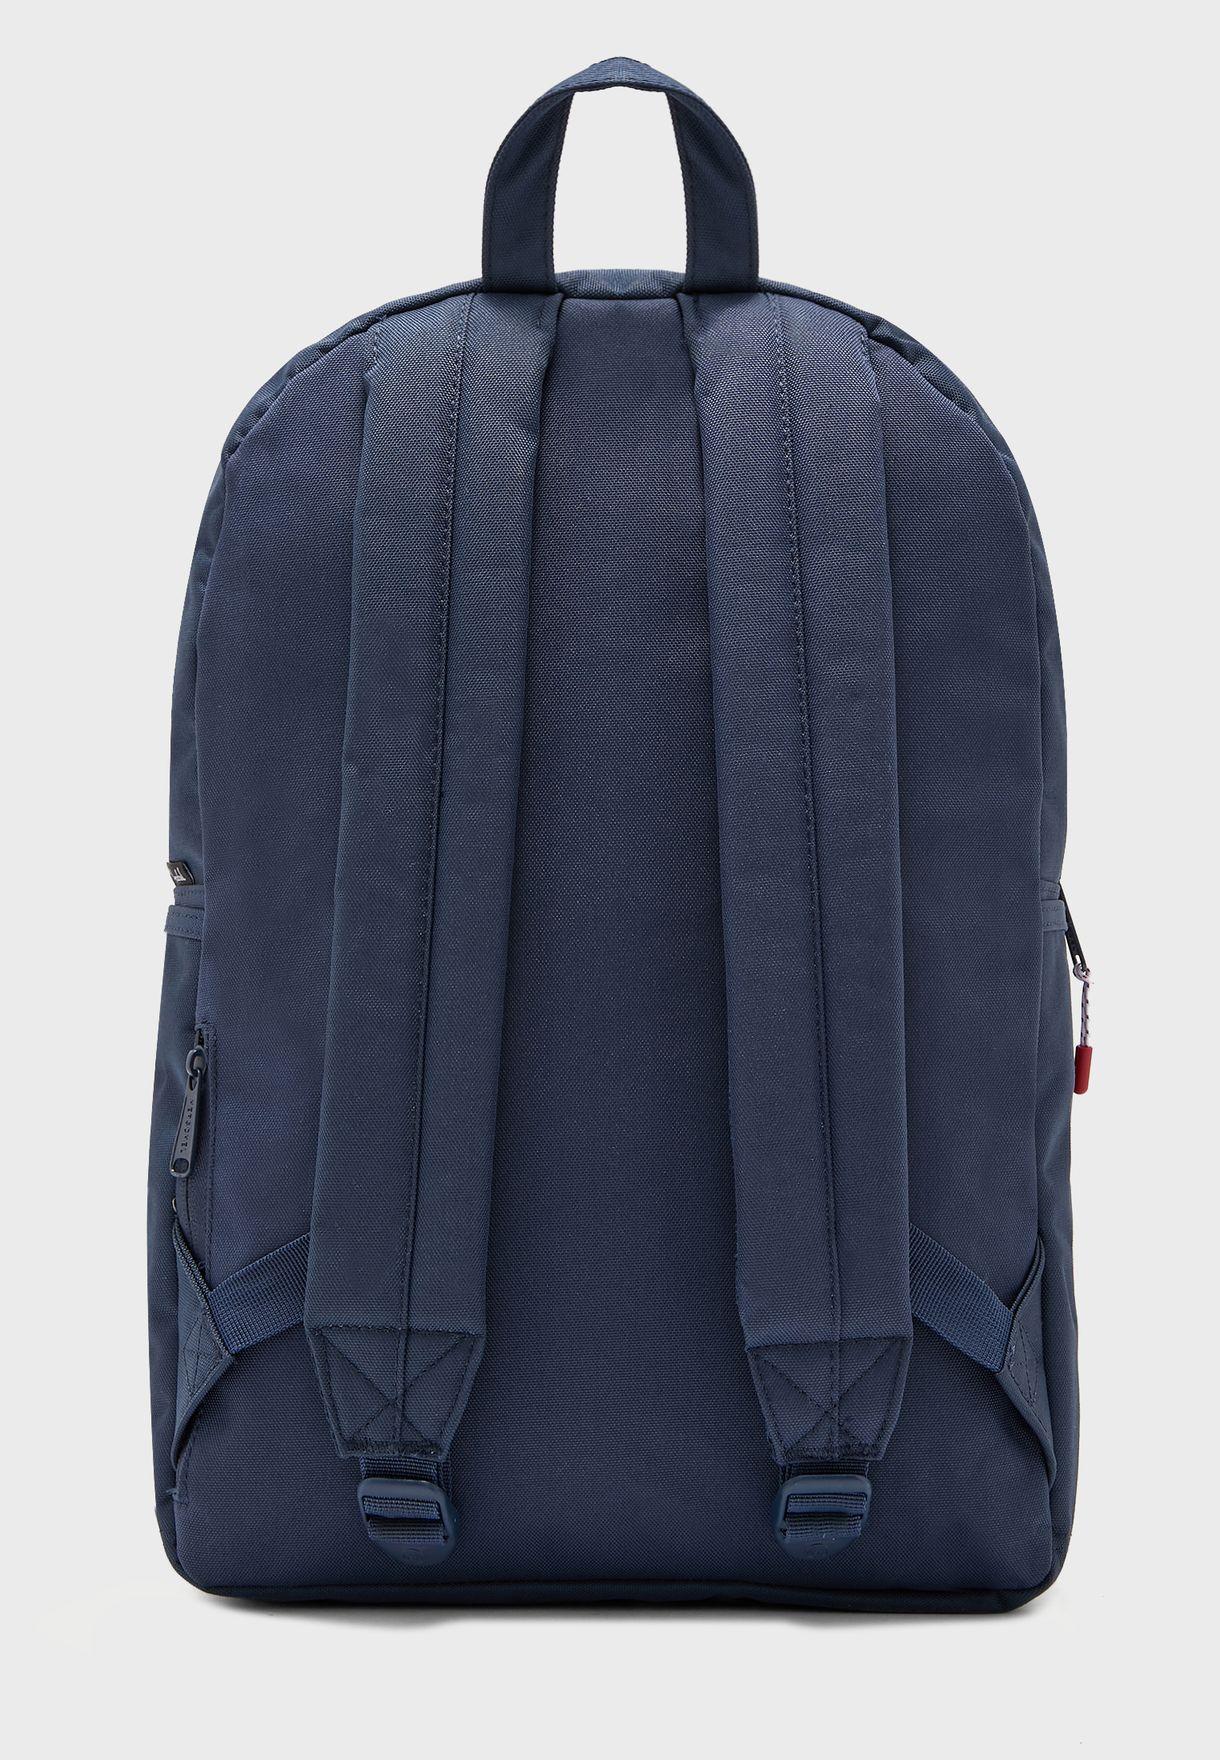 حقيبة ظهر كلاسيكية بجيب امامي